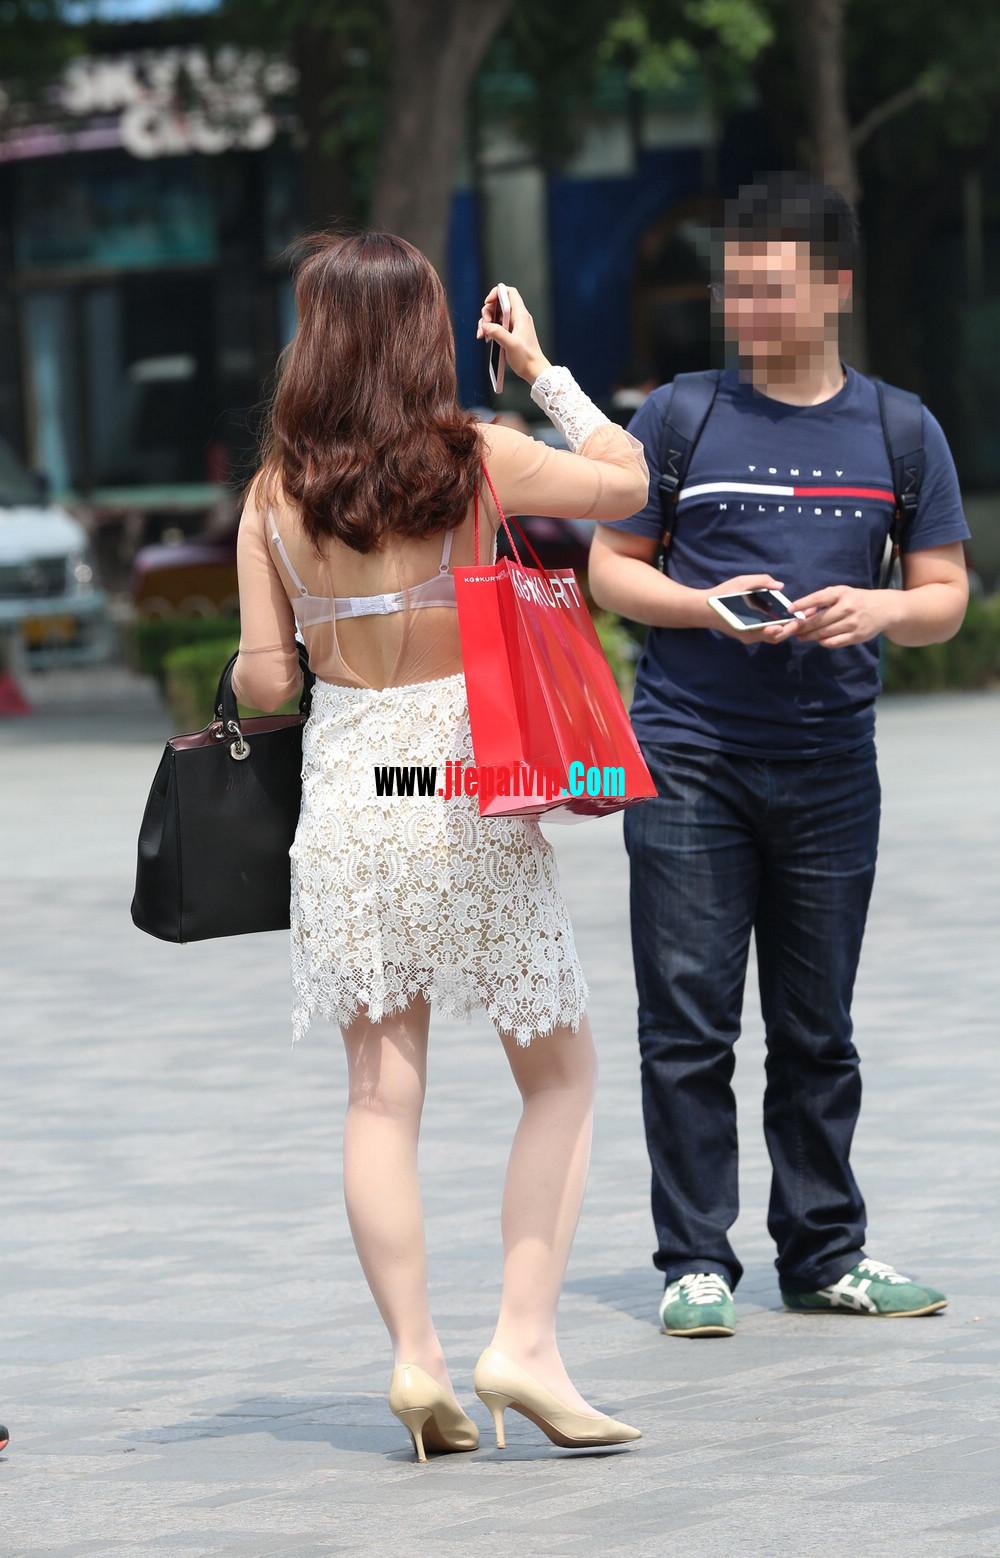 街拍蕾丝裙,性感透视装极品少妇,还穿着白丝袜呢2